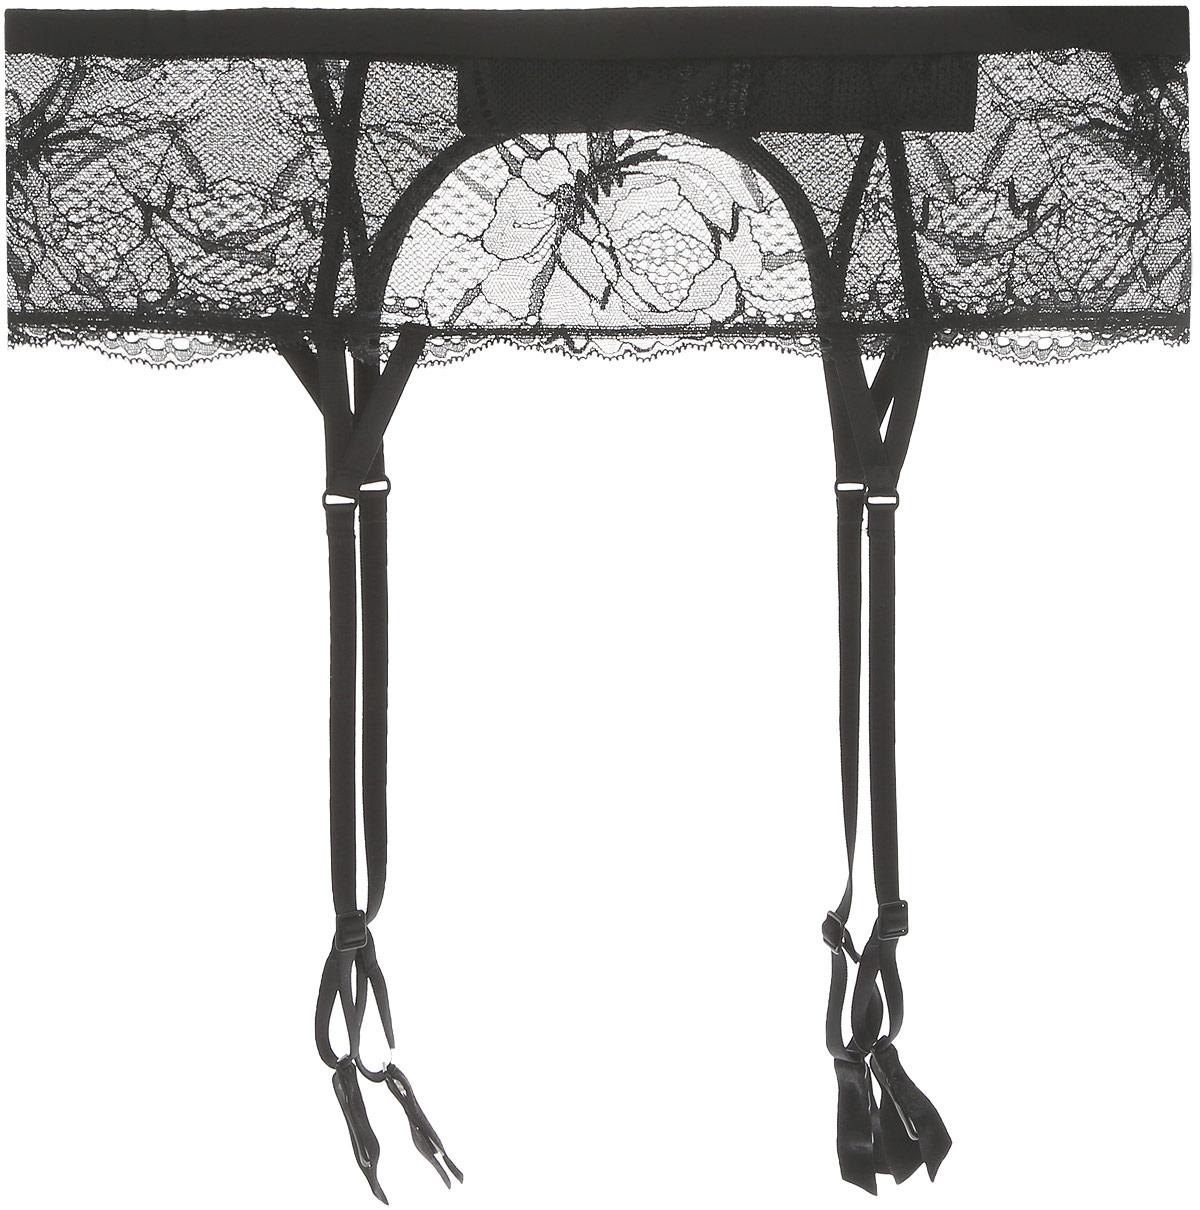 Пояс для чулок Calvin Klein Underwear, цвет: черный. QF4572E_001. Размер S (44)QF4572E_001Пояс для чулок Calvin Klein Underwear позволит вам продемонстрировать свою уверенность и женственность и создаст незабываемый образ! Пояс выполнен из эластичного материала в сочетании с тонким воздушным кружевом. Подвязки с прищепками регулируются по длине. Изделие застегивается сзади на два крючка.